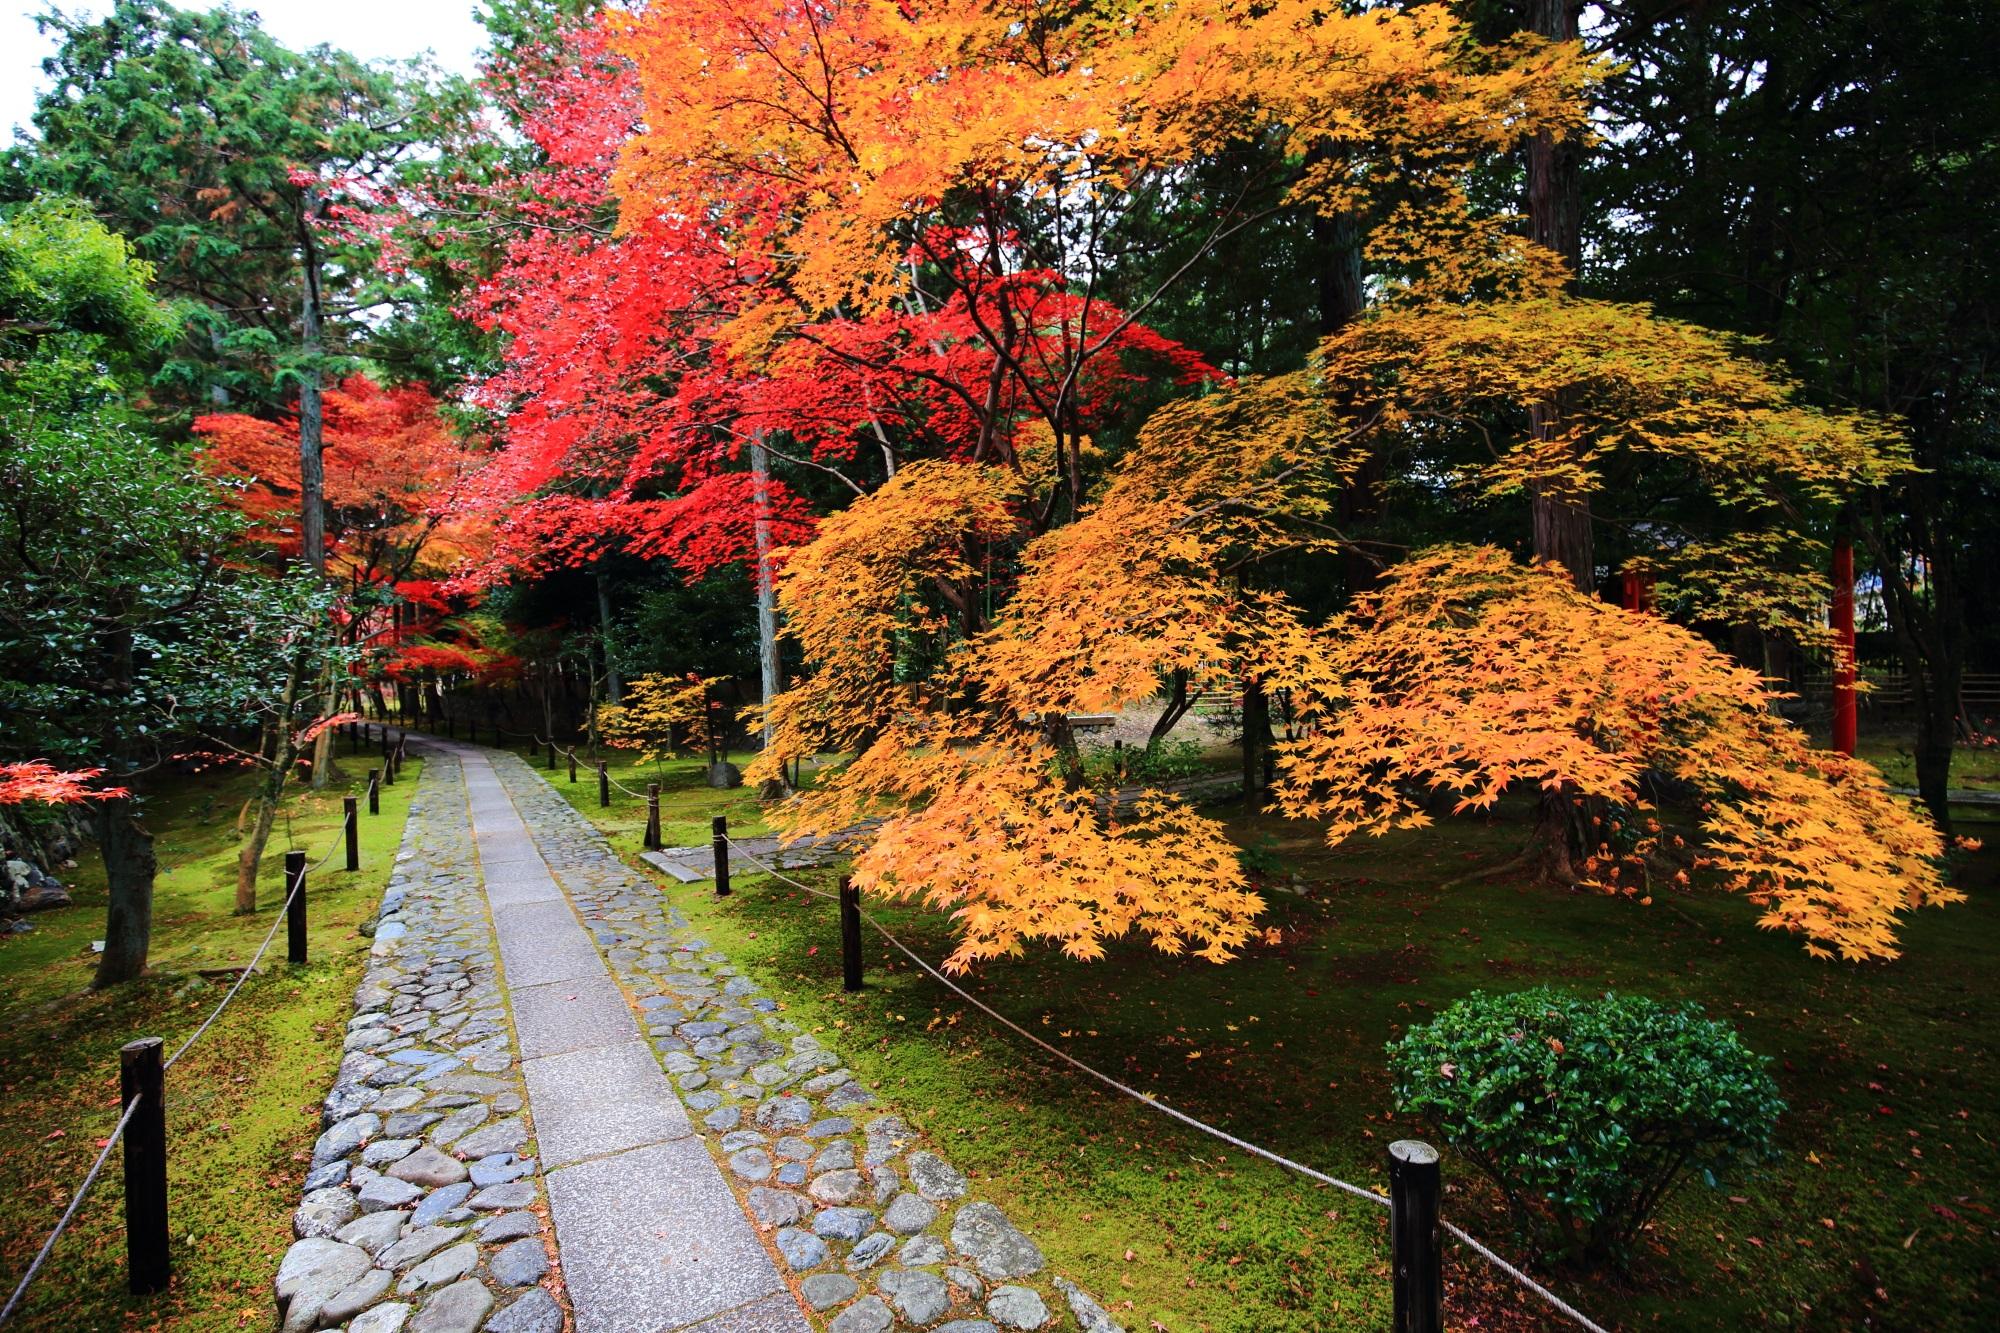 紅葉の穴場の嵐山の鹿王院の美しい紅葉の参道